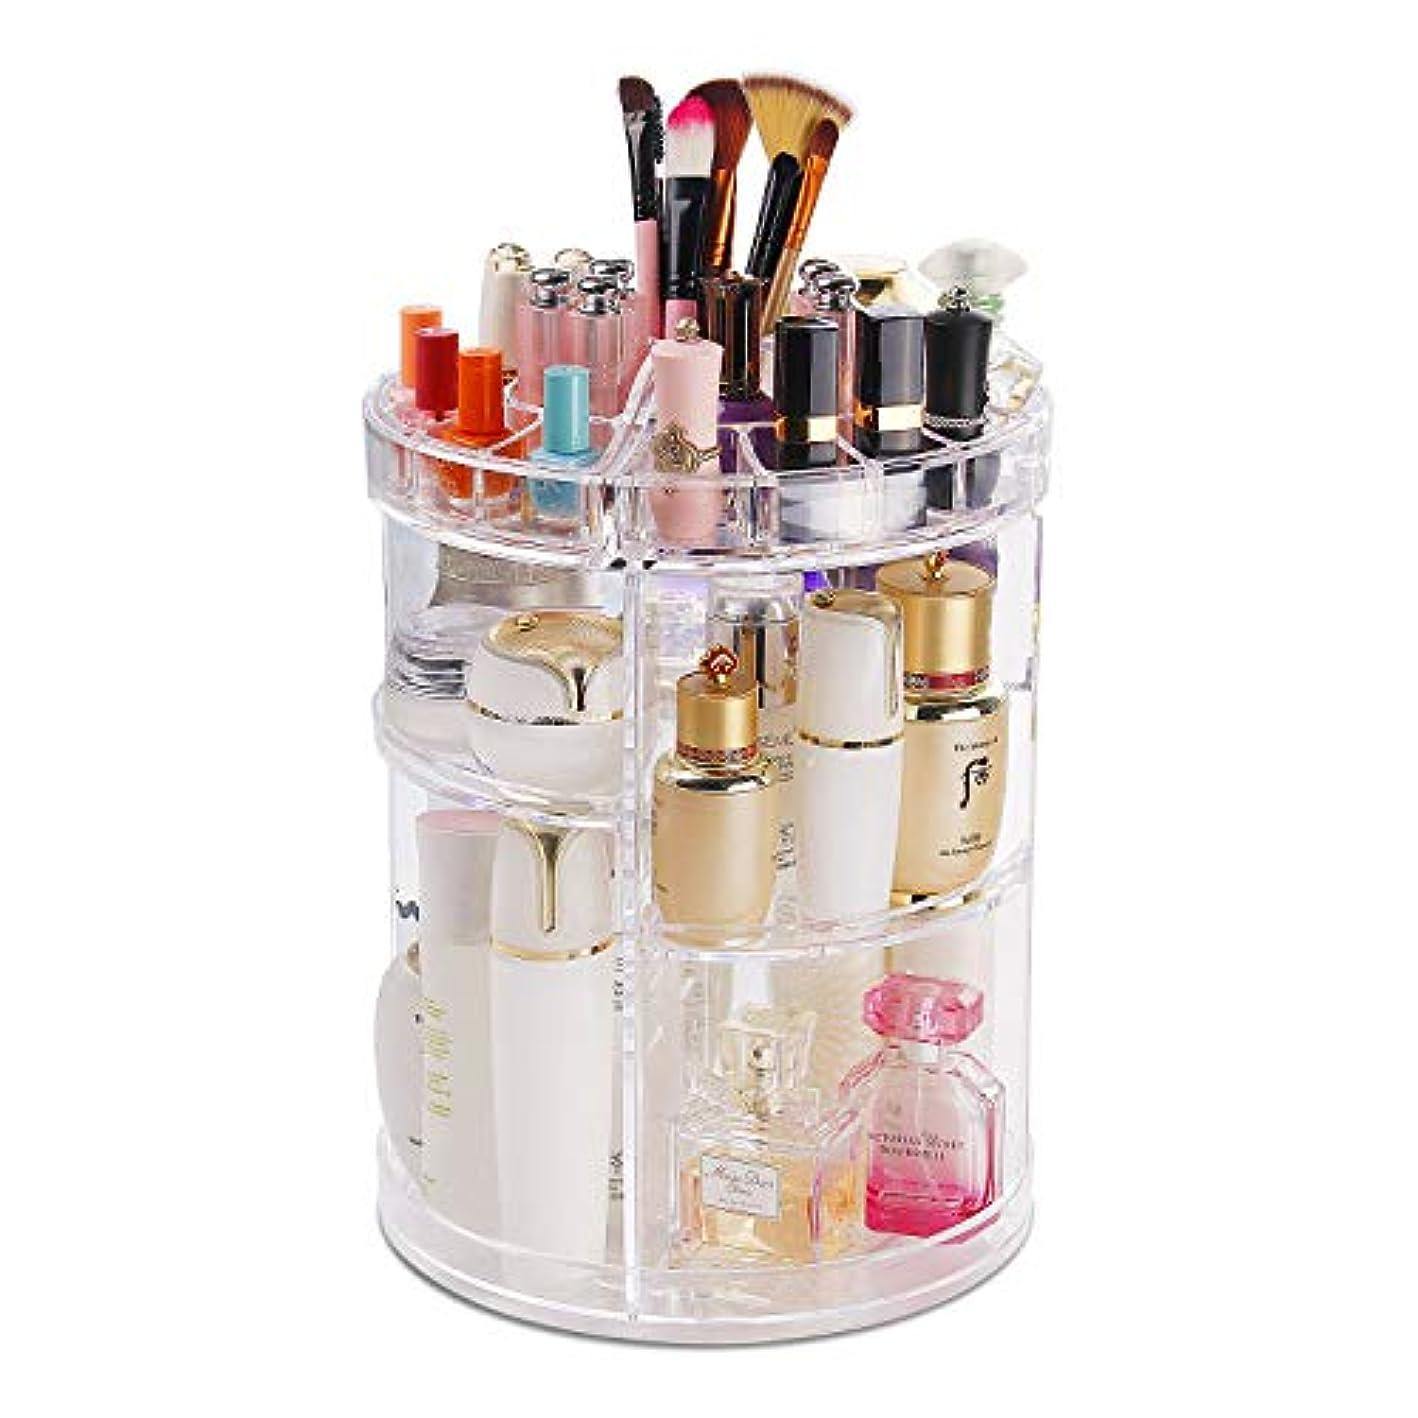 言い換えるとパッチ信頼性のある化粧品収納ボックス コスメボックス 360度回転化粧品収納ラック 大容量透明化粧品ケース メイクボックス 女の子のギフト